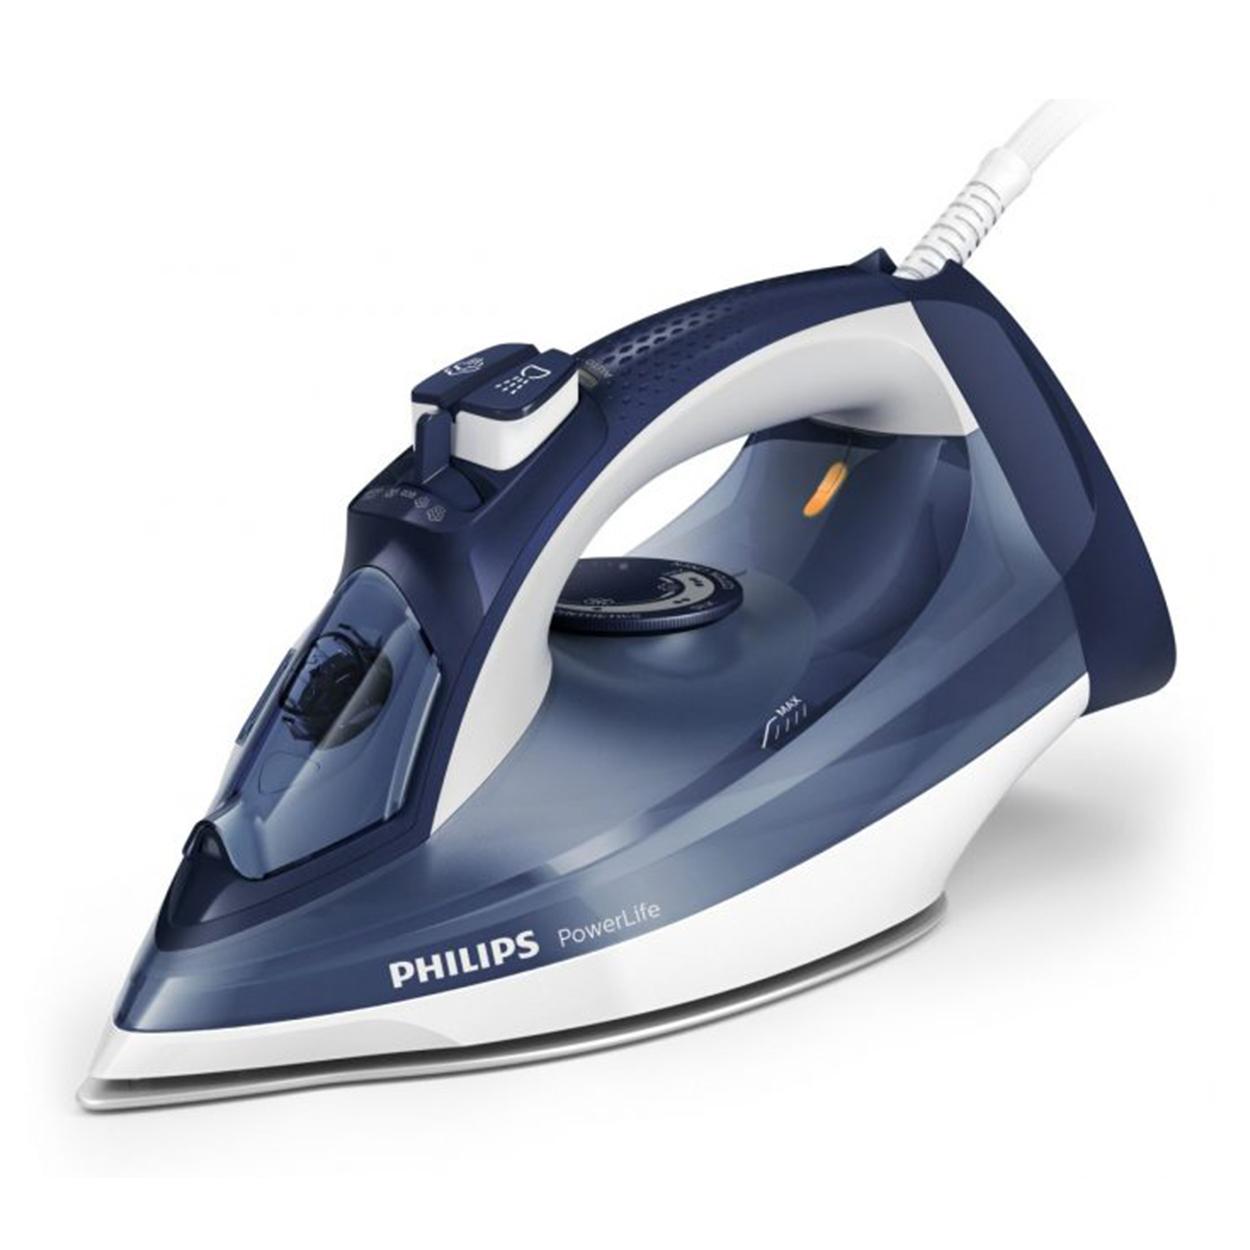 Pirkite PowerLife Garų lygintuvą GC2996/20 elektroninėje | Philips parduotuvėje